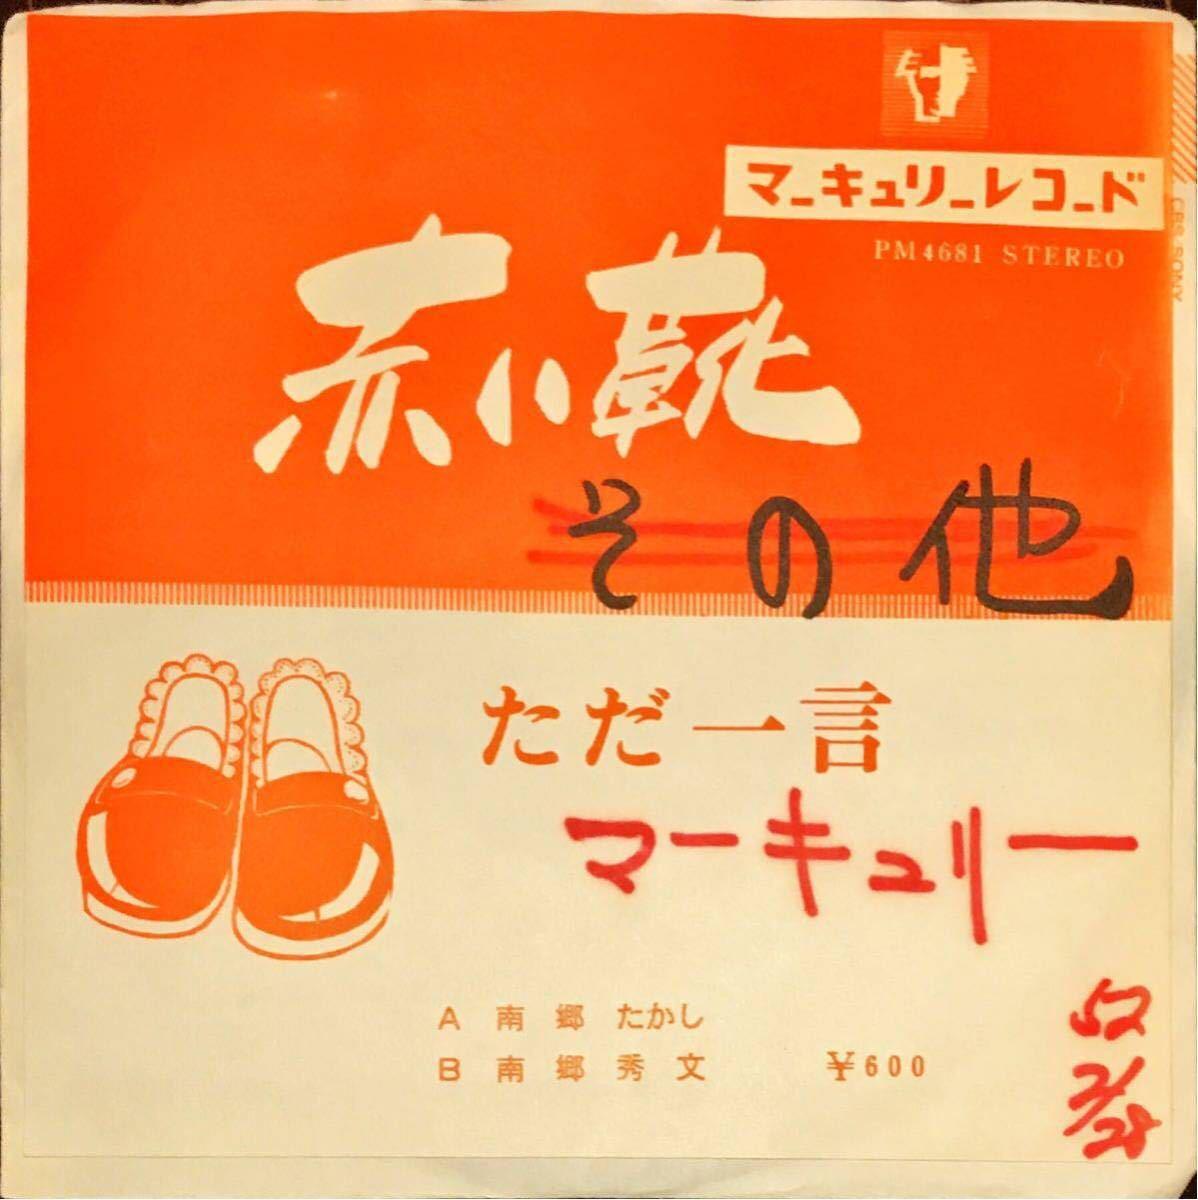 【試聴】和モノB級マイナー流し演歌 南郷たかし / 南郷秀文 // 赤い靴 / ただ一言  ディープ歌謡 【EP】1977年 自主 7inch_画像1